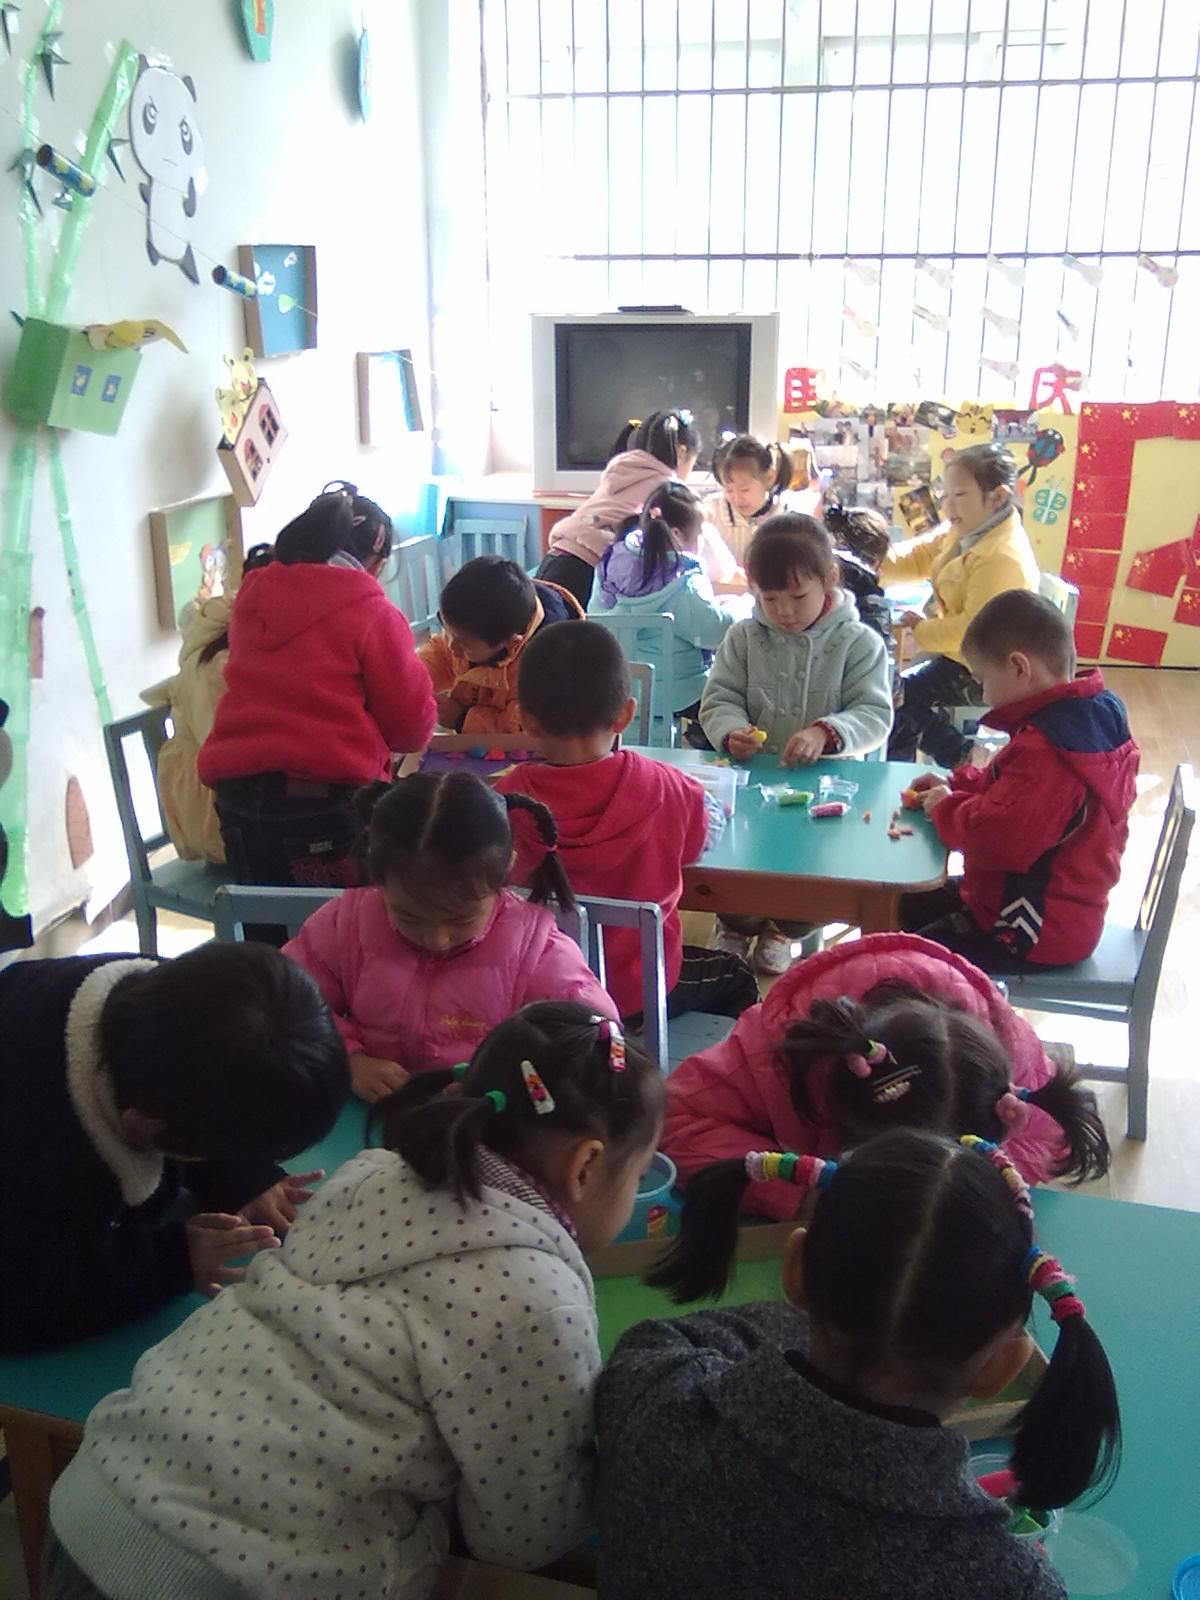 瑞泰新城美美体艺幼儿园2012年可可之家(我们毕业啦)